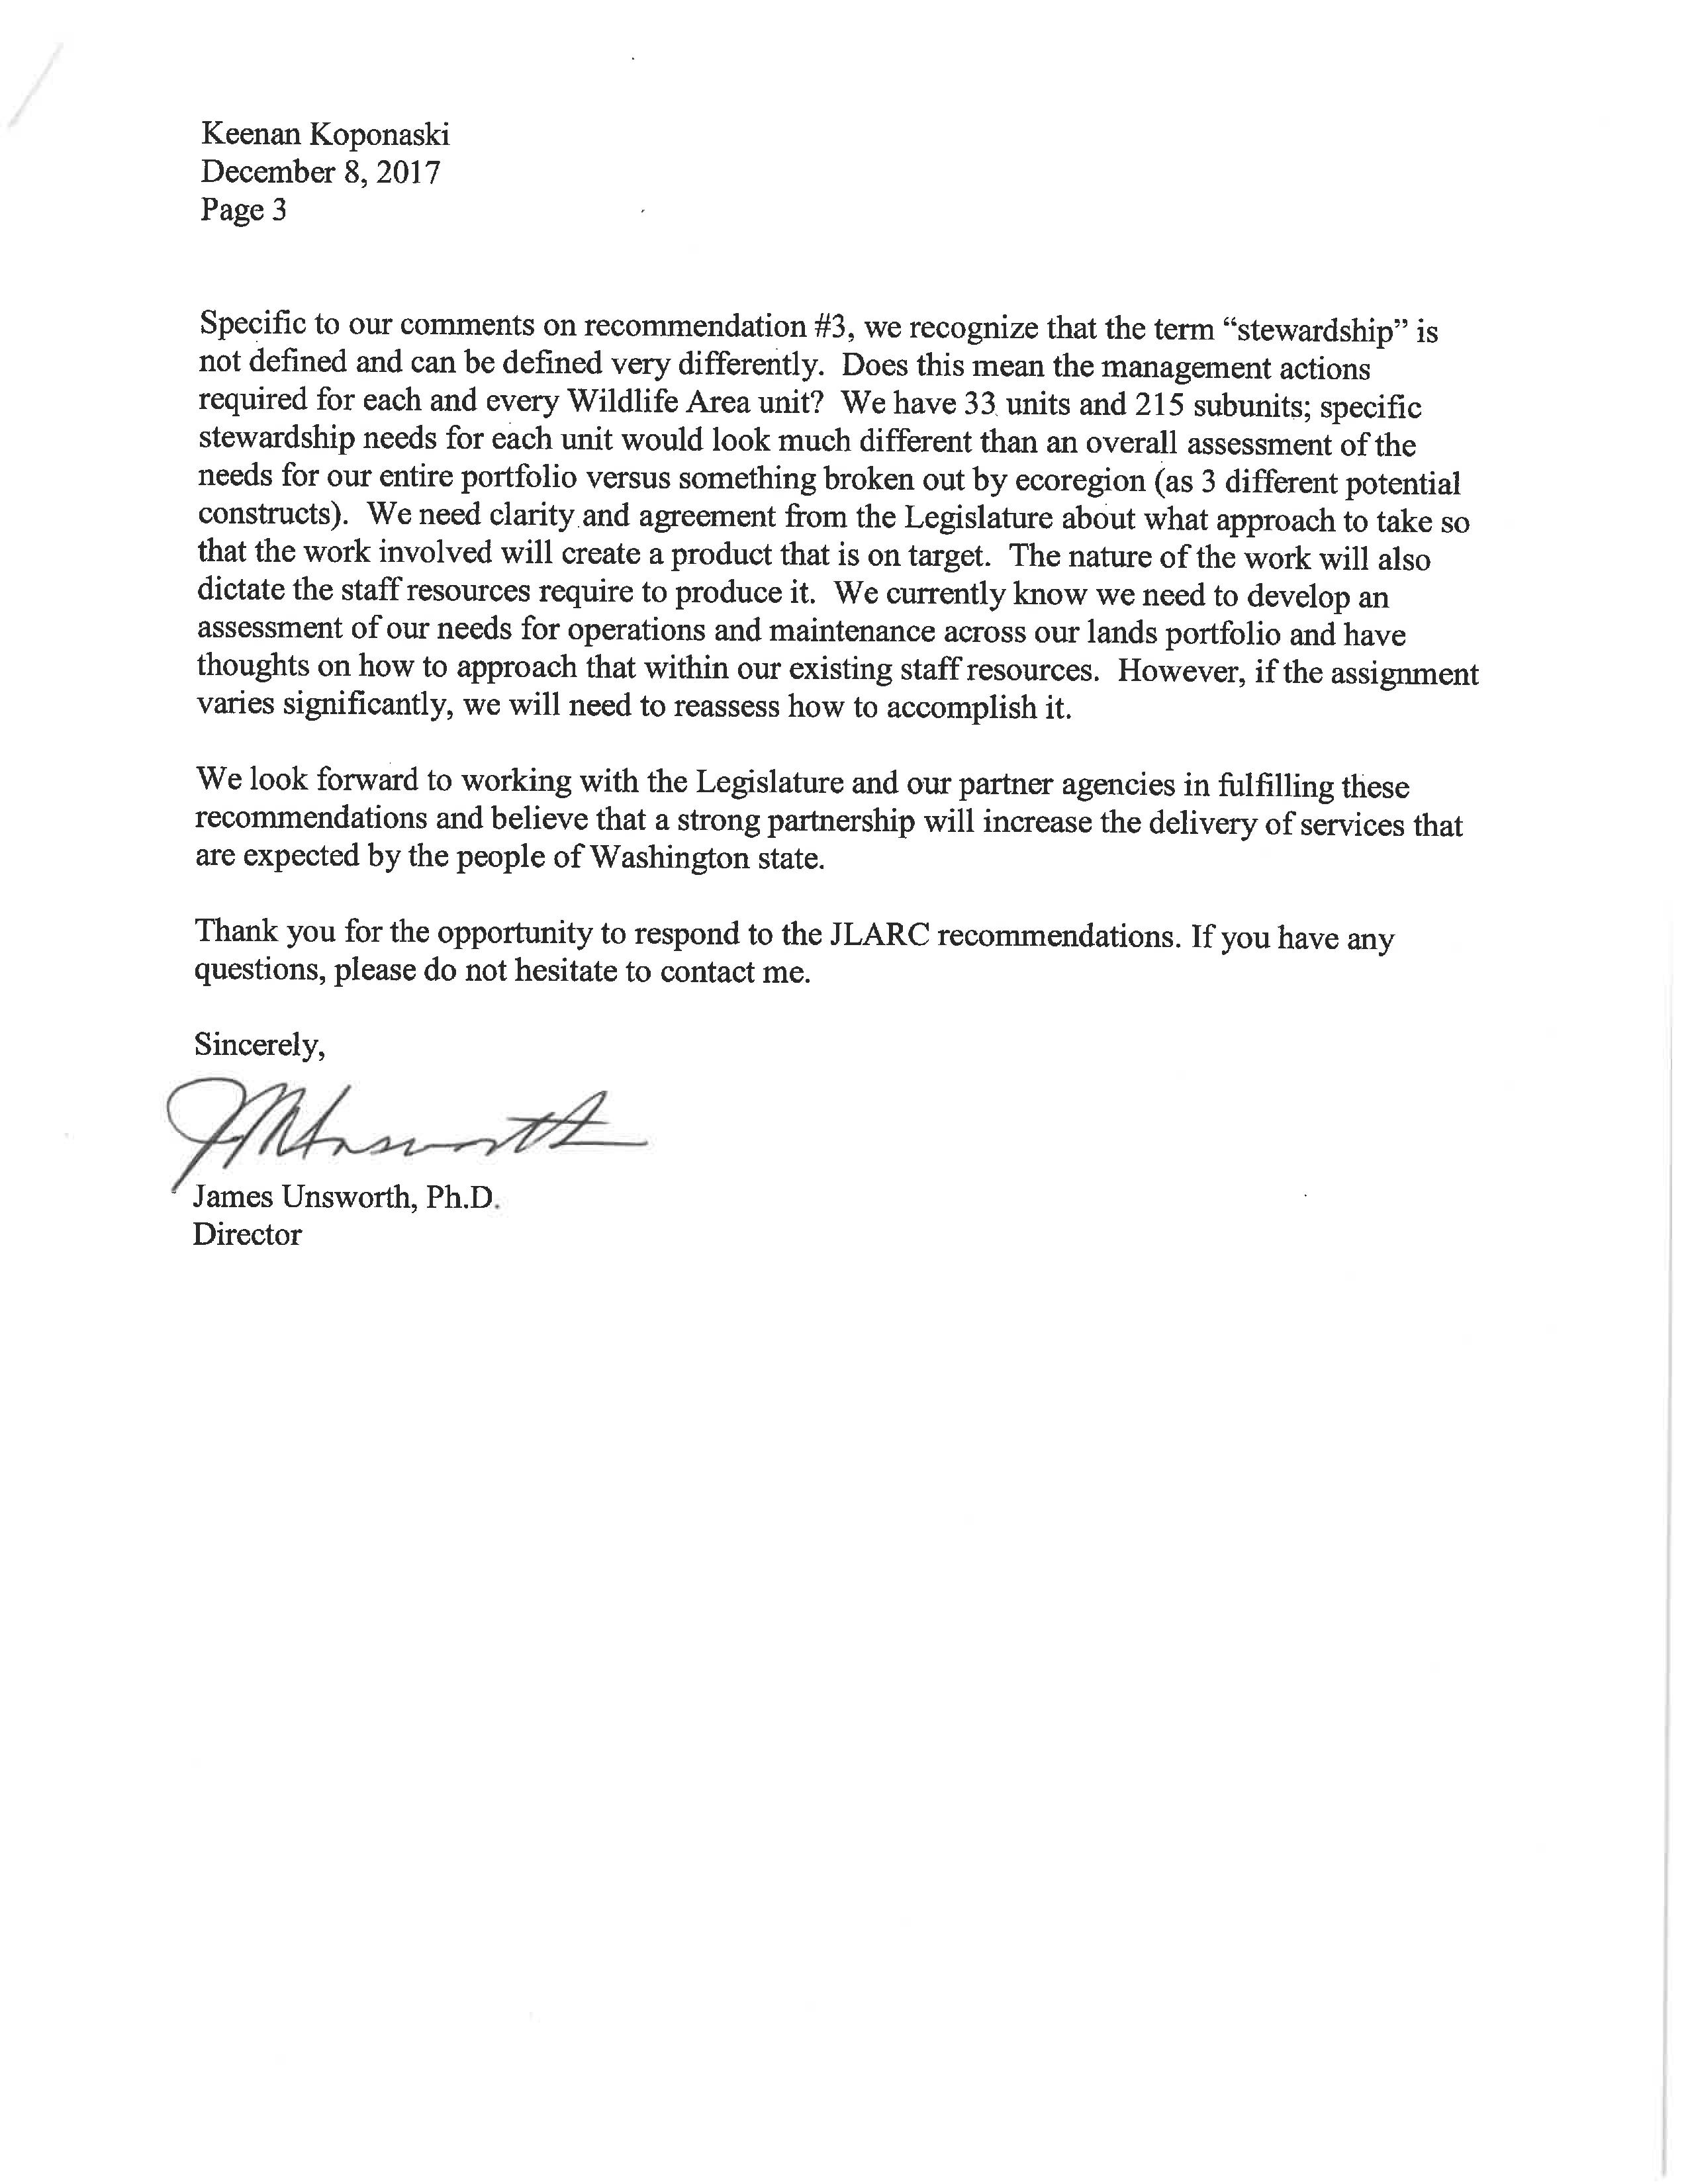 WDFW-response-3.png